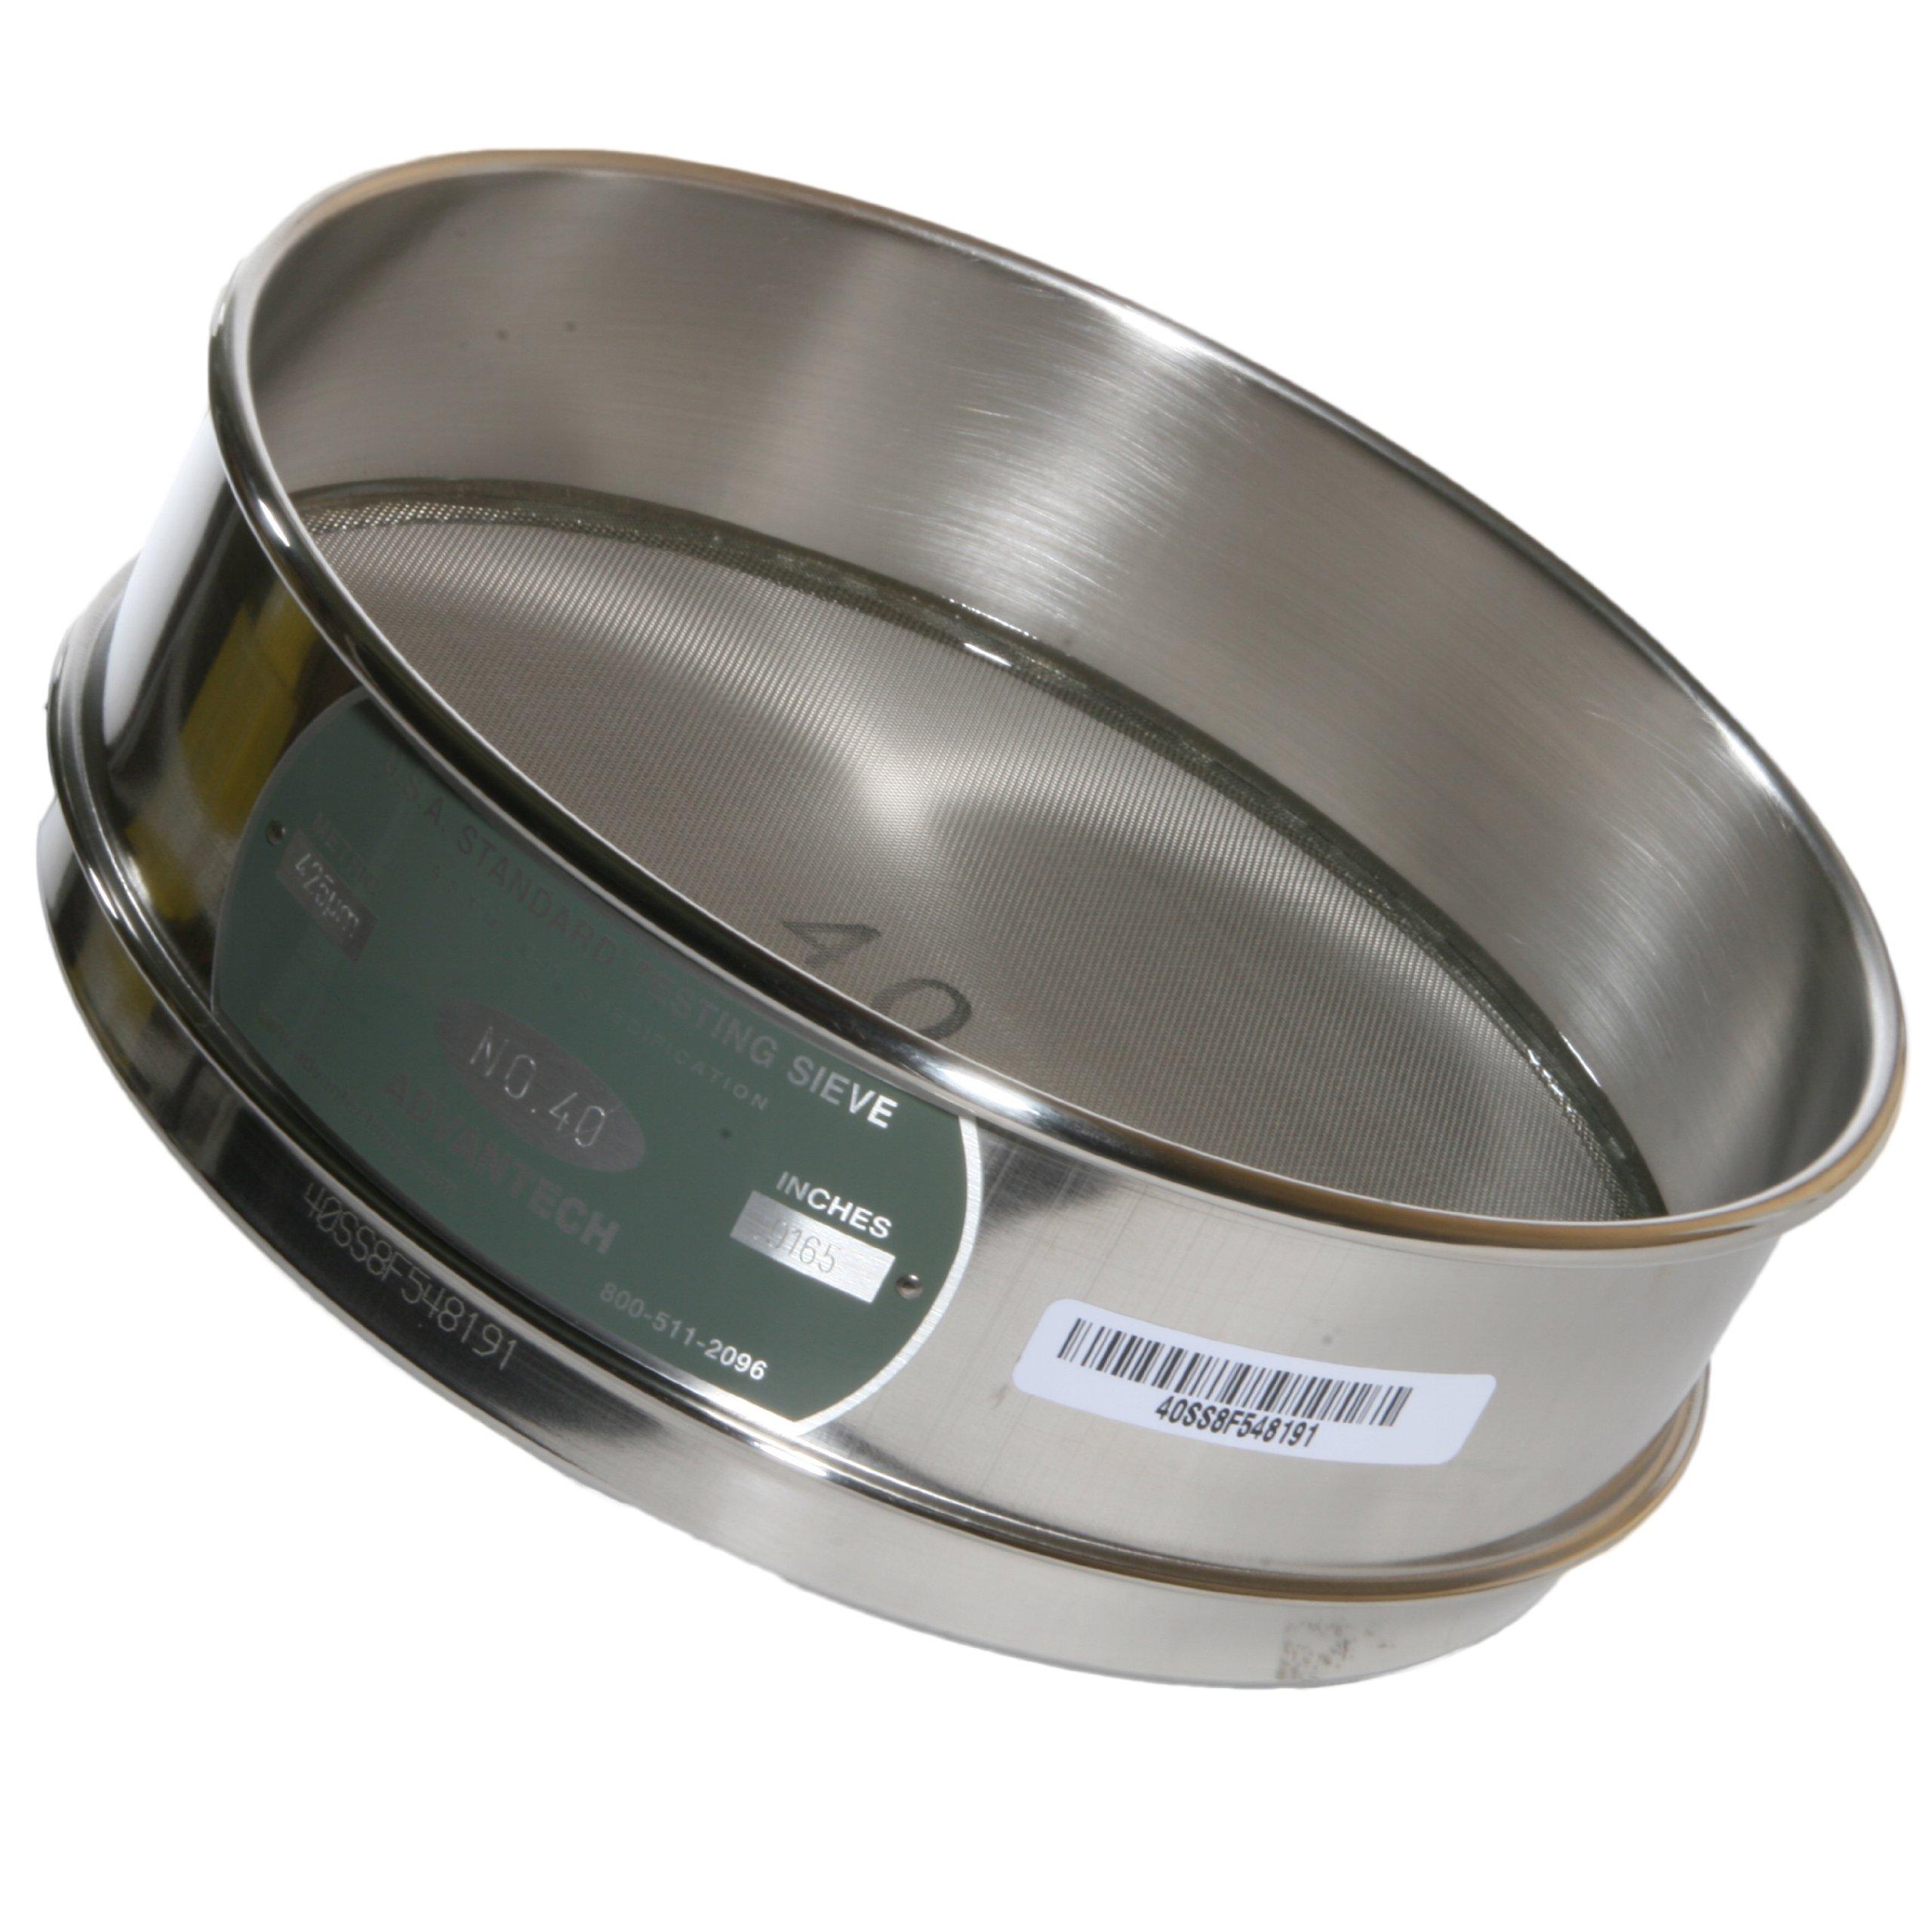 Advantech Stainless Steel Test Sieves, 8'' Diameter, #40 Mesh, Full Height